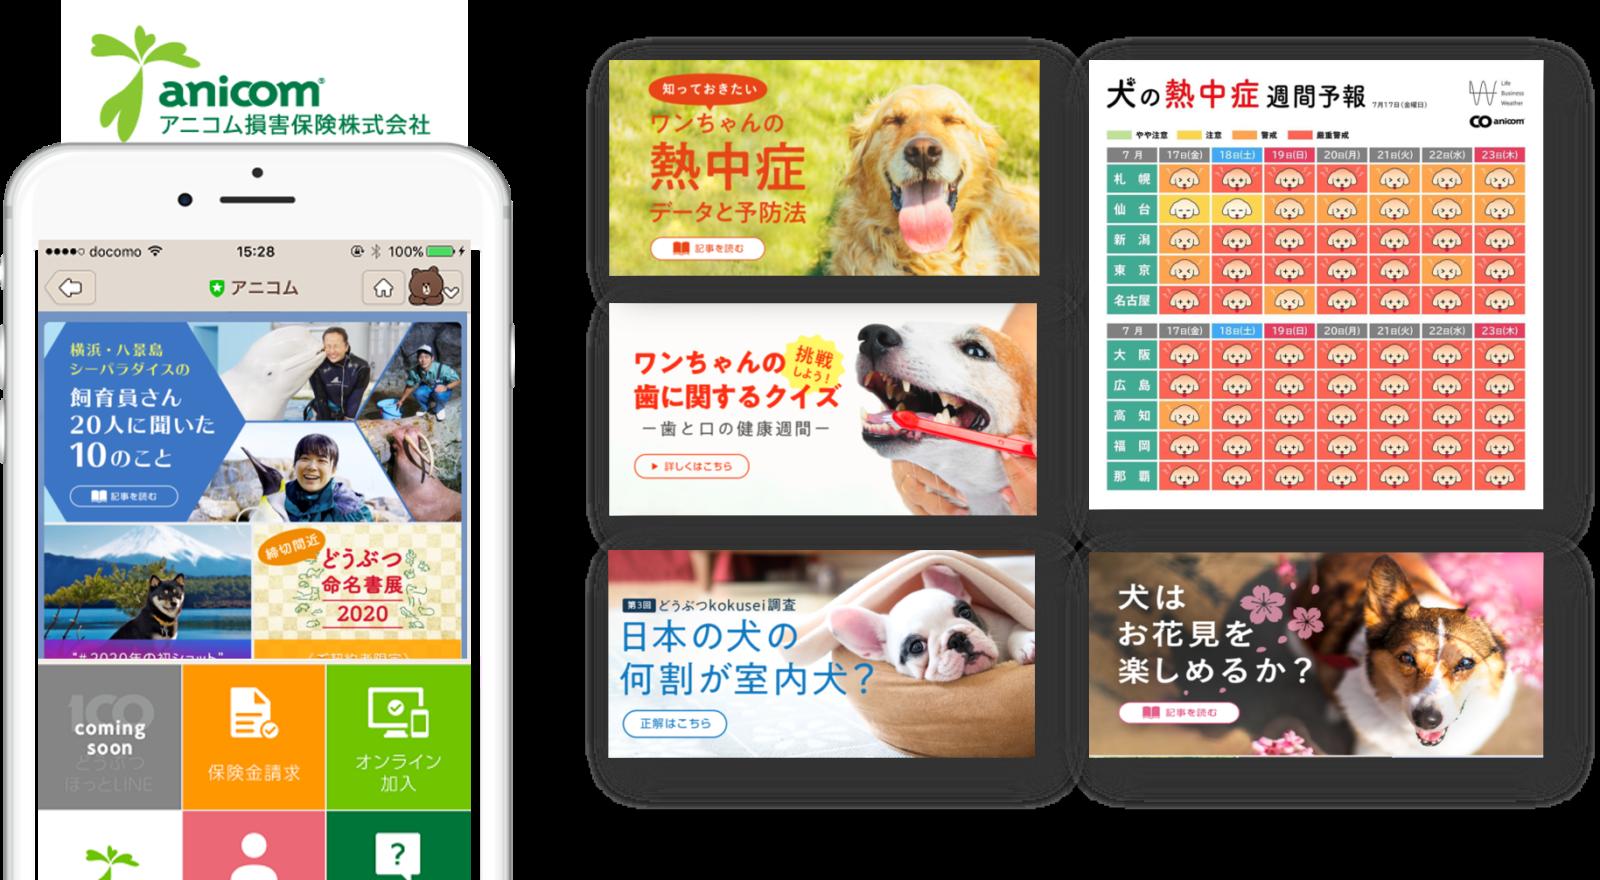 アニコム損保がLINEで配信しているコンテンツの一例(「犬の熱中症週間予報」「犬はお花見を楽しめるか?」「ワンちゃんの歯に関するクイズ」)